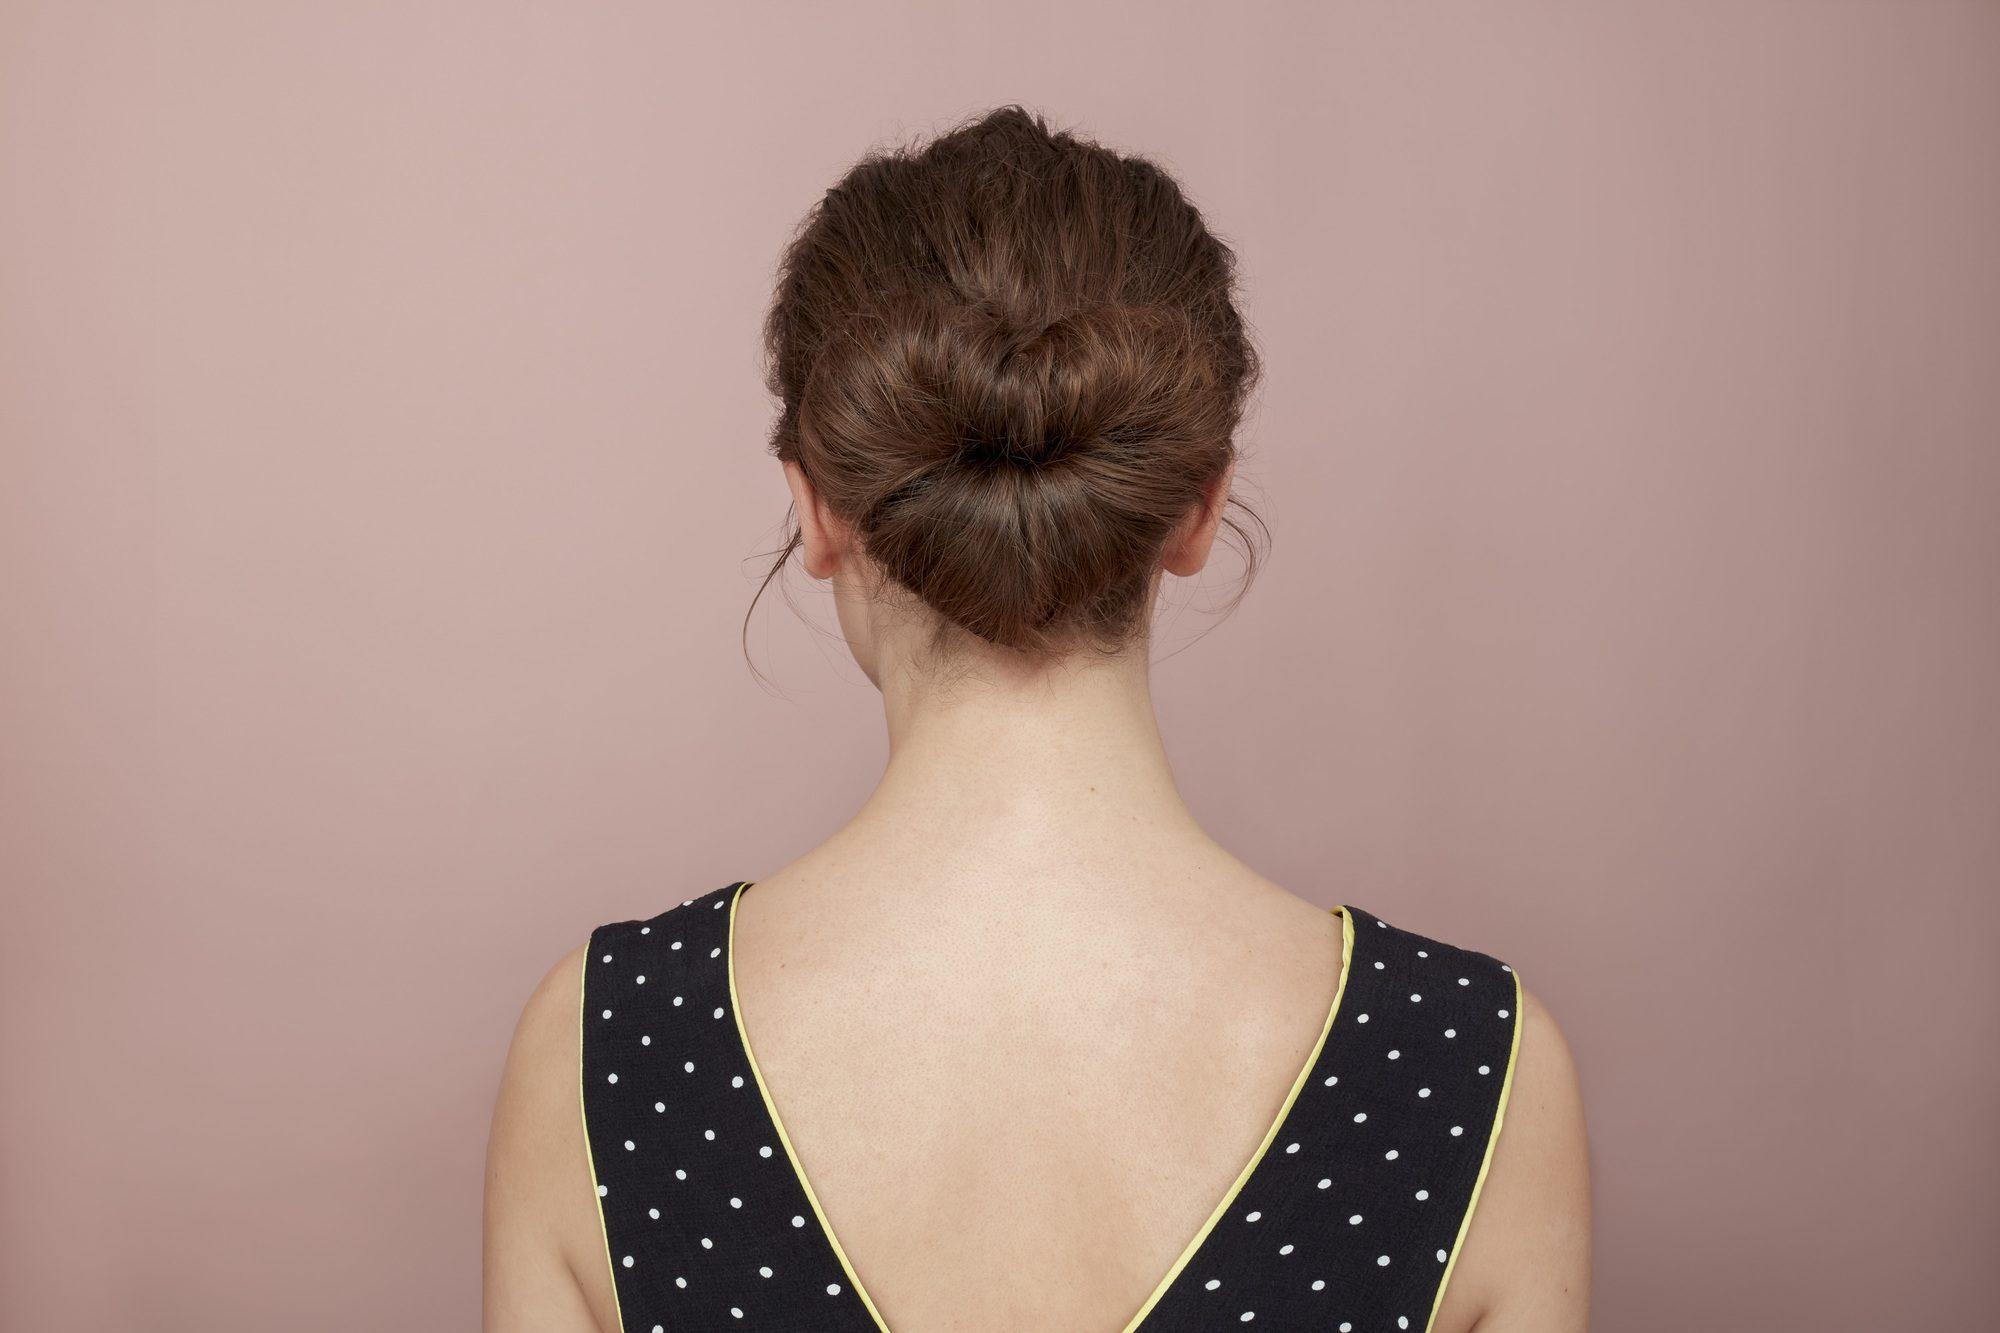 Les cheveux de la Saint-Valentin : Vue arrière d'un mannequin brun avec ses cheveux en chignon en forme de coeur, portant une robe noire et blanche à pois en V